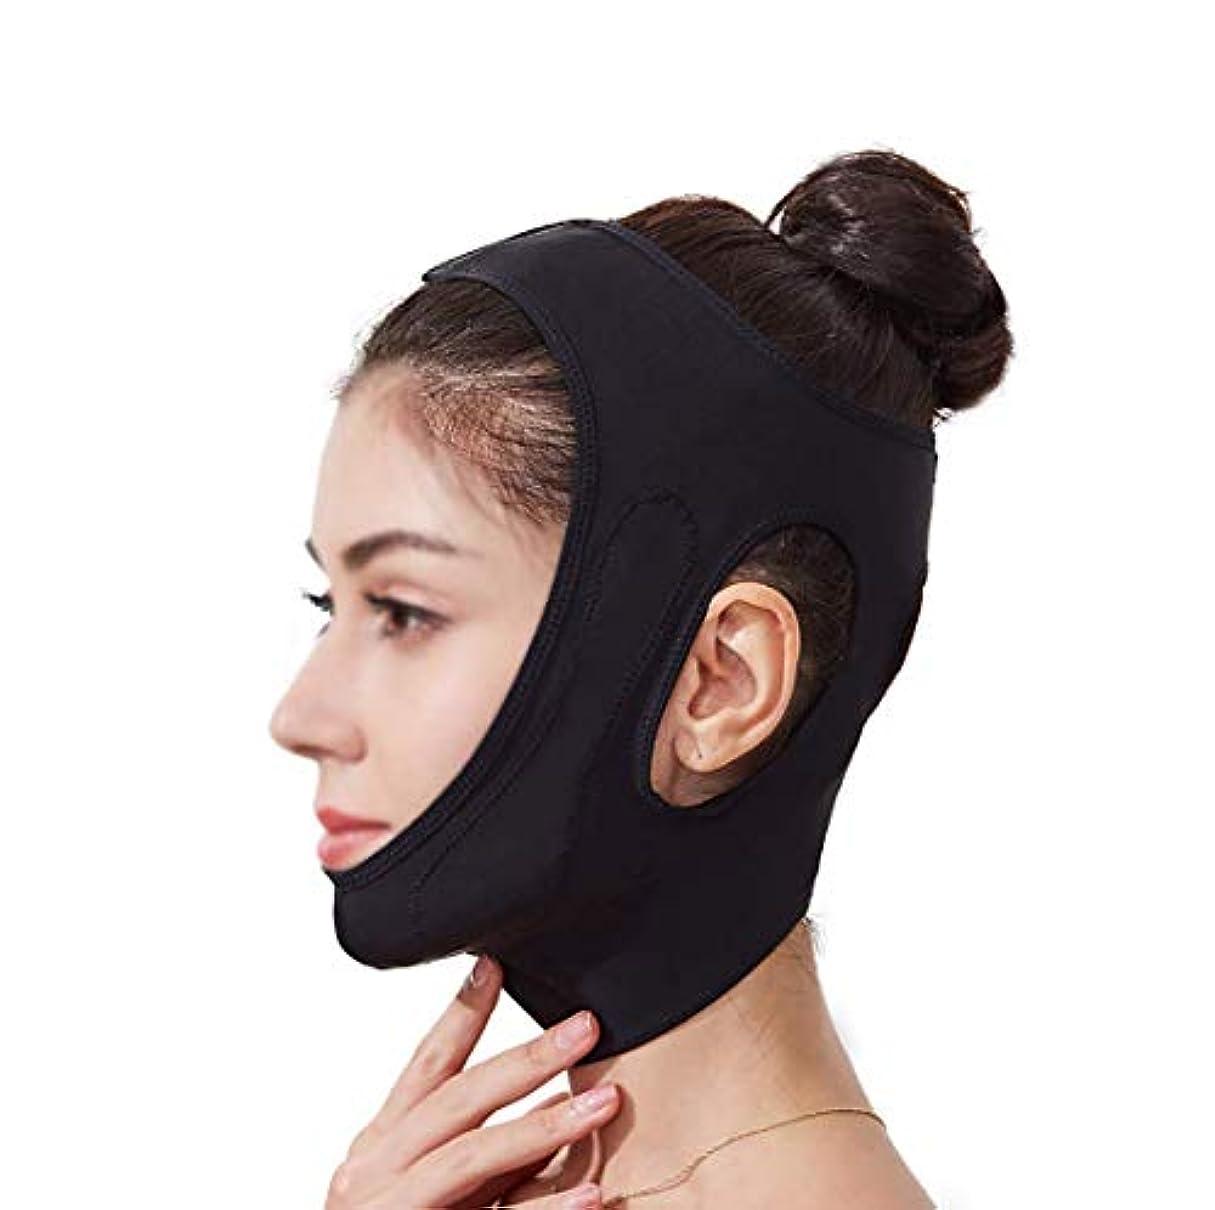 く回答検出器フェイスリフティングマスク、360°オールラウンドリフティングフェイシャルコンター、あごを閉じて肌を引き締め、快適でフェイスライトをサポートし、通気性を保ちます(サイズ:ブラック),ブラック